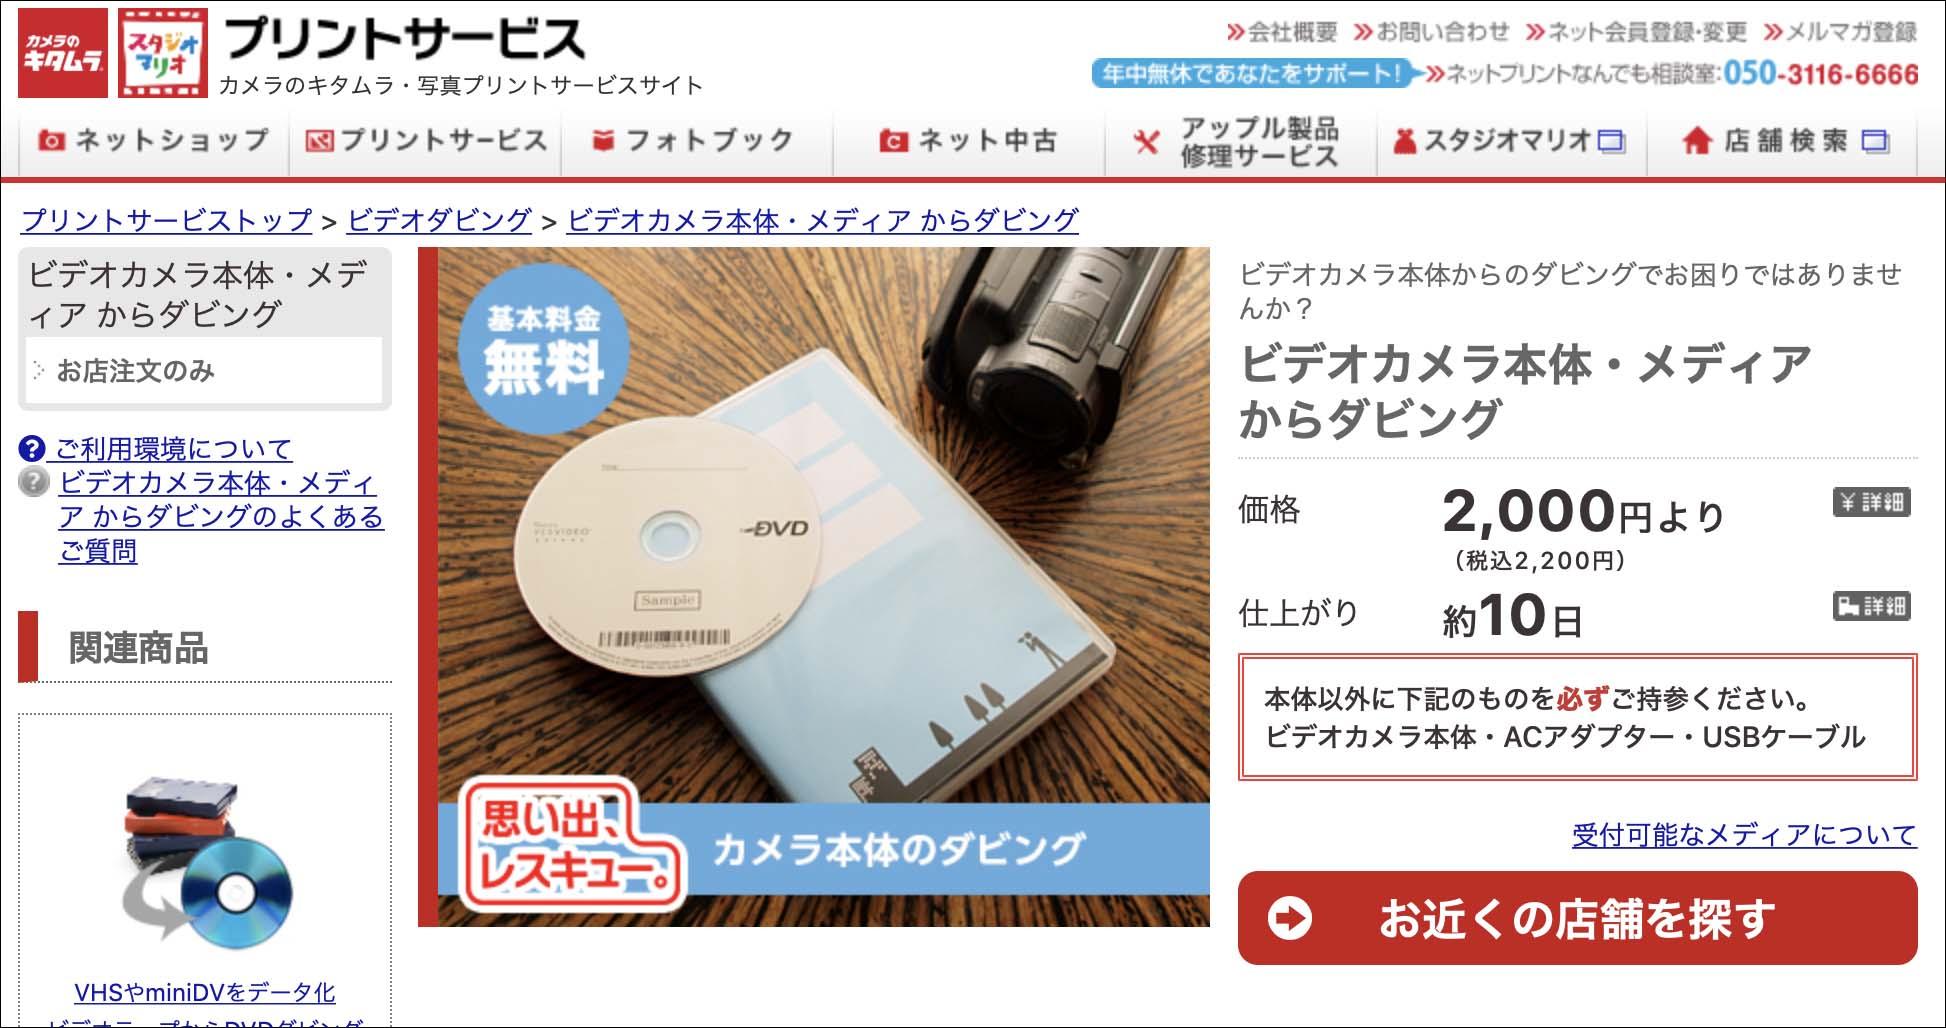 ビデオカメラ本体・メディアからダビング(カメラのキタムラ)